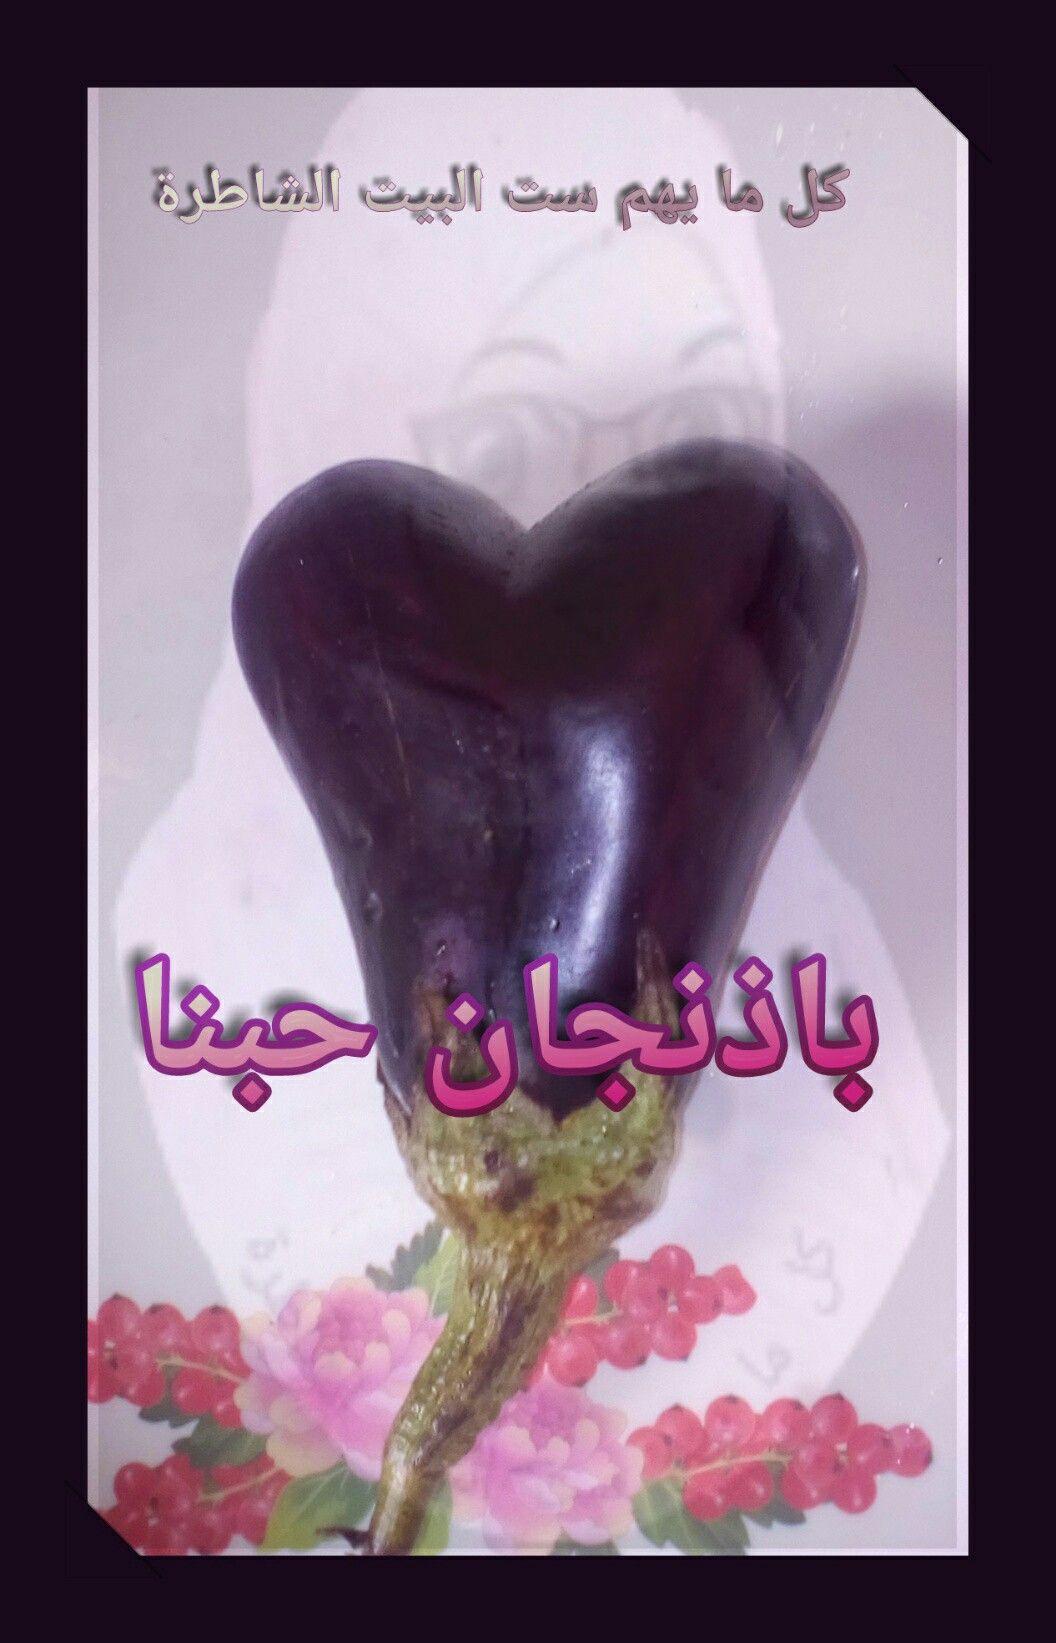 سبحان المبدع بفتح كيس الباذنجان لقيت القلب الجميل ده Eggplant Vegetables